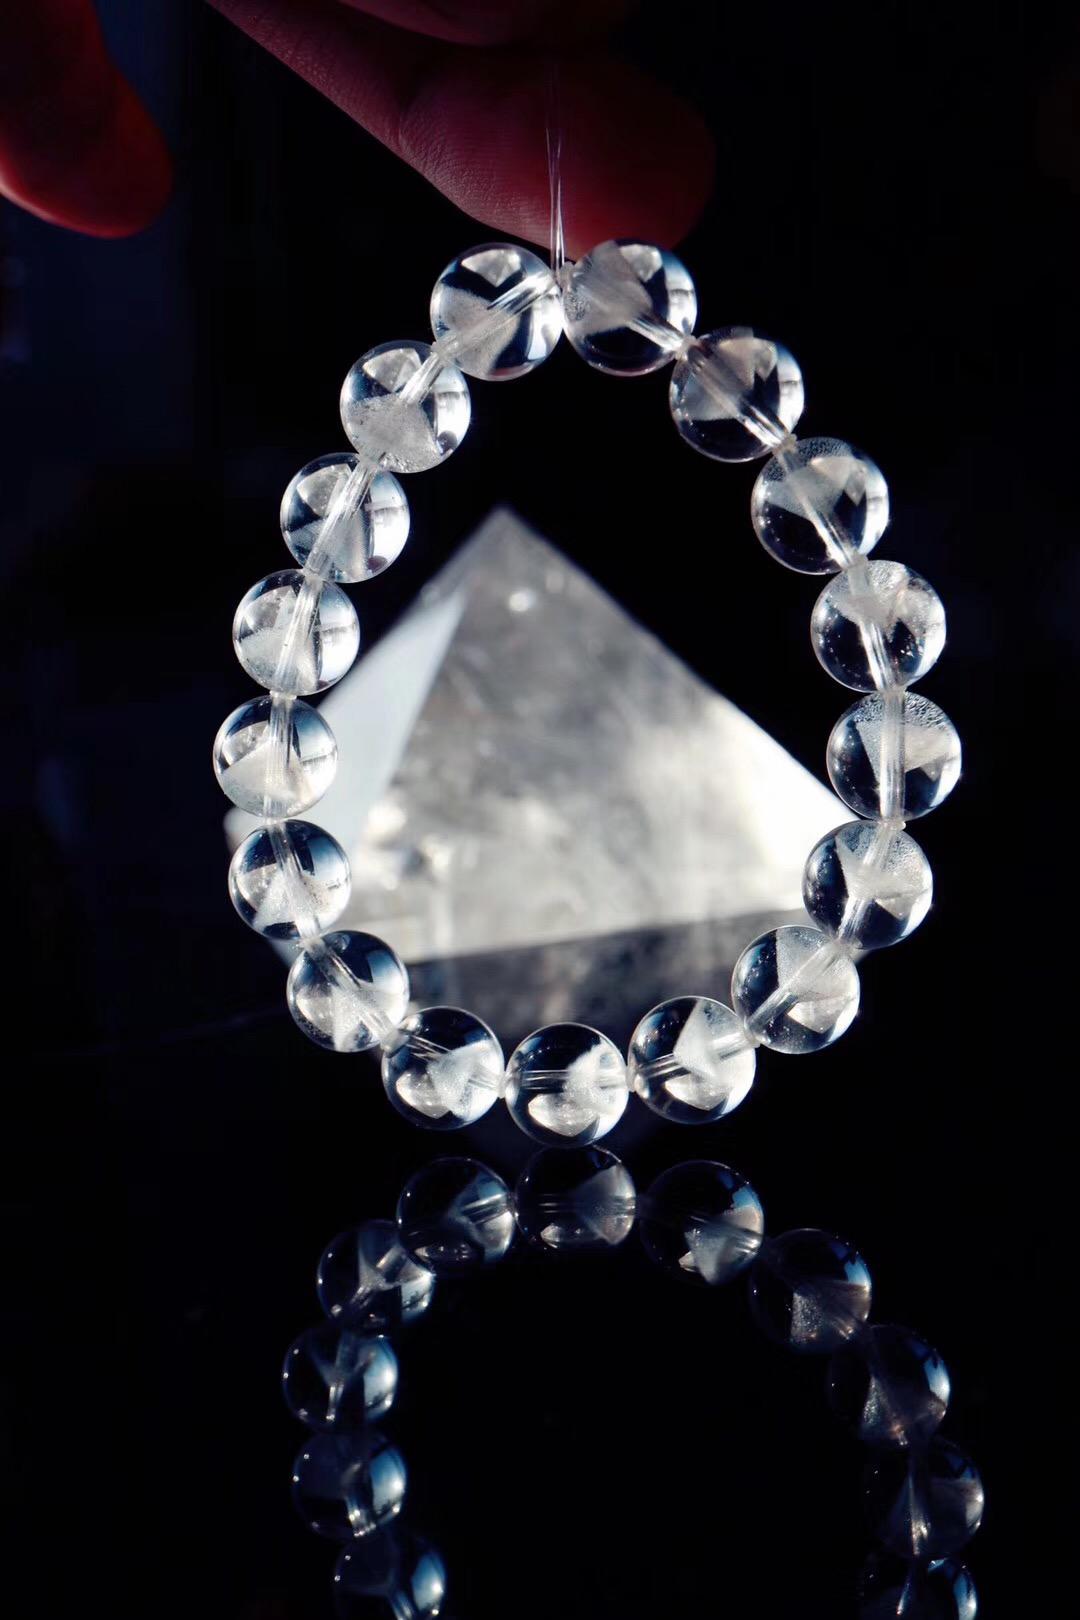 【白幽灵金字塔】白幽灵代表清净,可供灵修-菩心晶舍